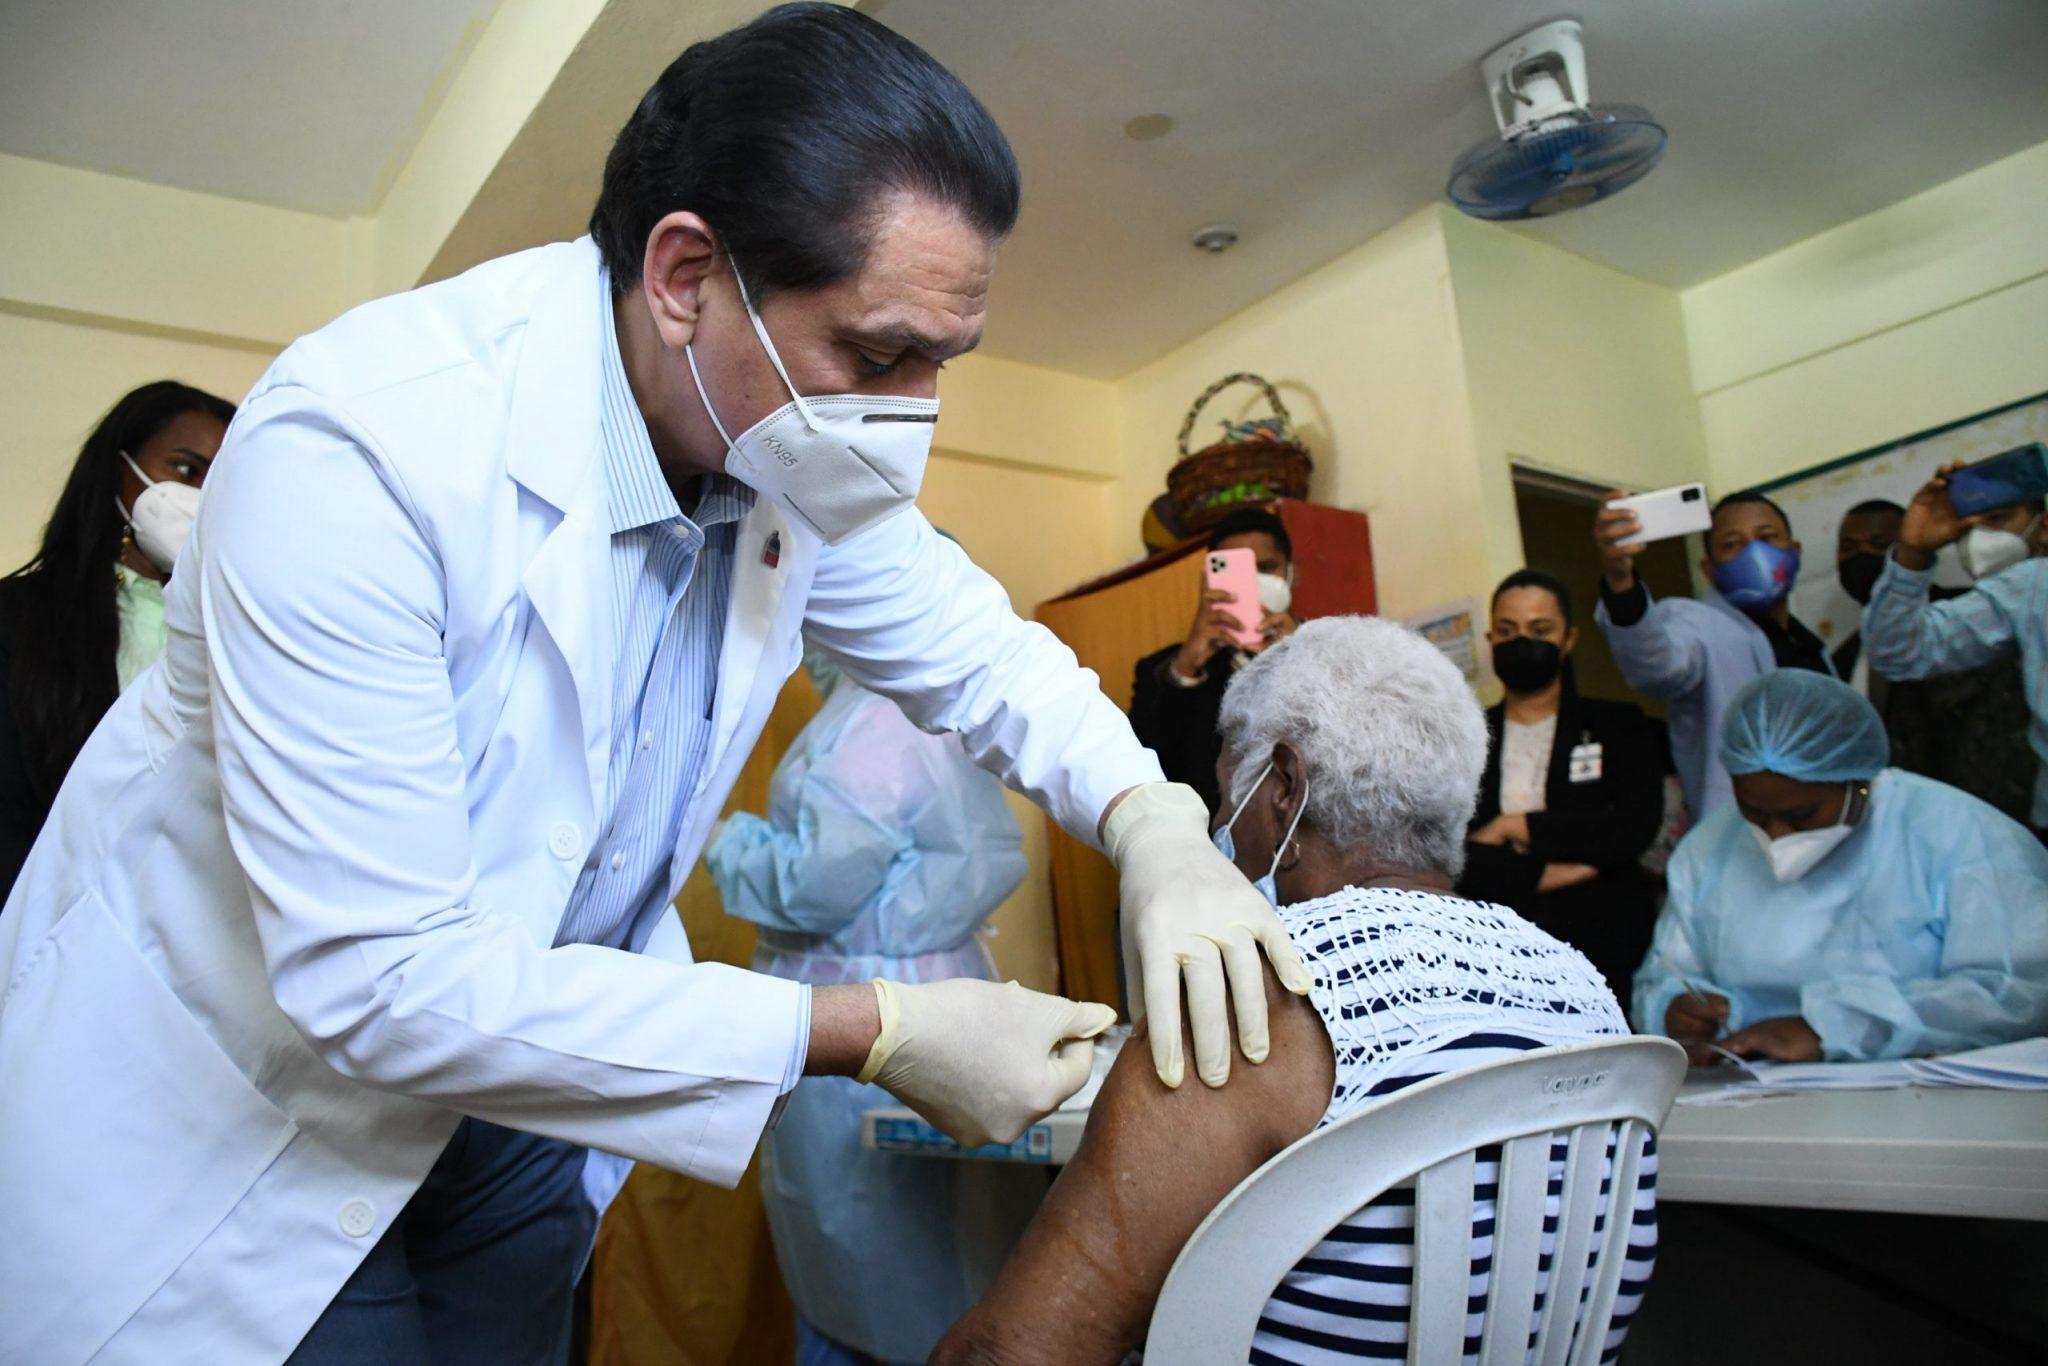 En el país se han vacunado más de 2 millones 300 mil personas contra Covid-19